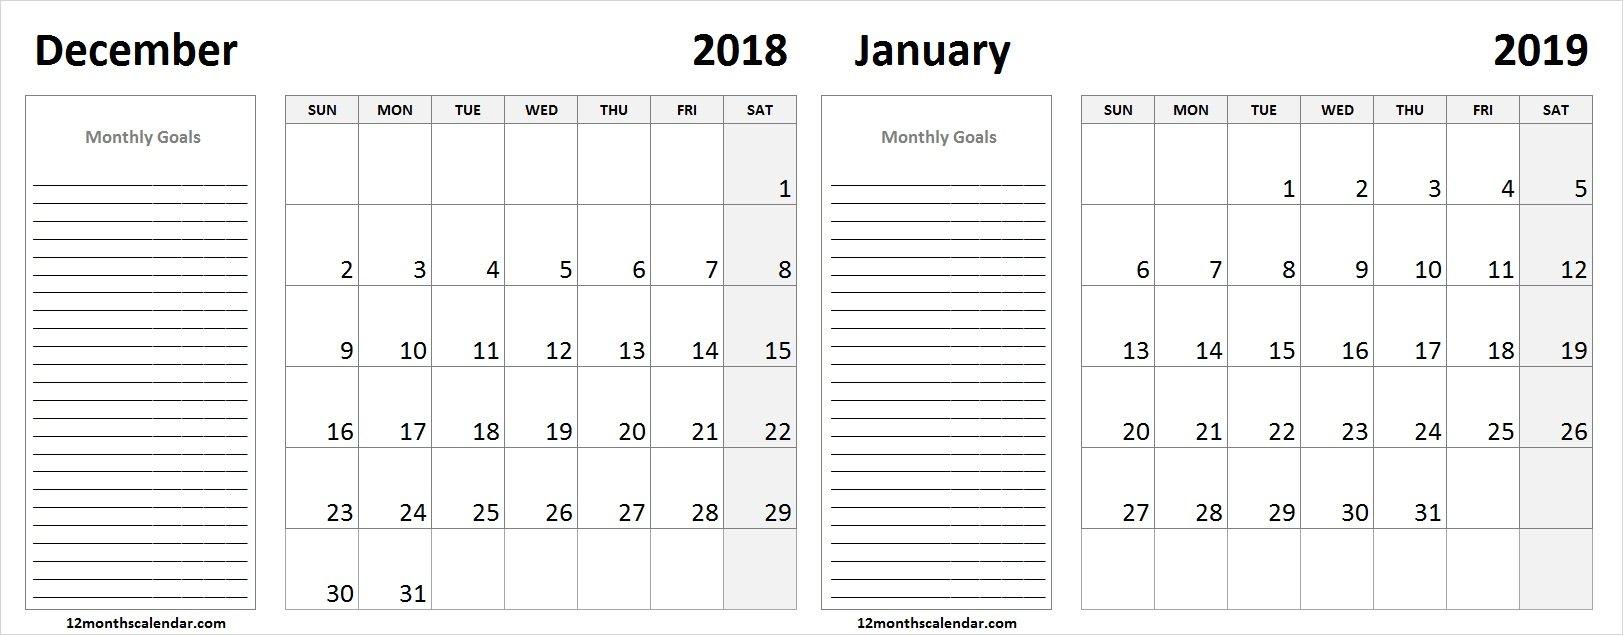 December 2018 January 2019 Calendar Monthly Goals | Monthly Calendar Calendar 2019 Goals